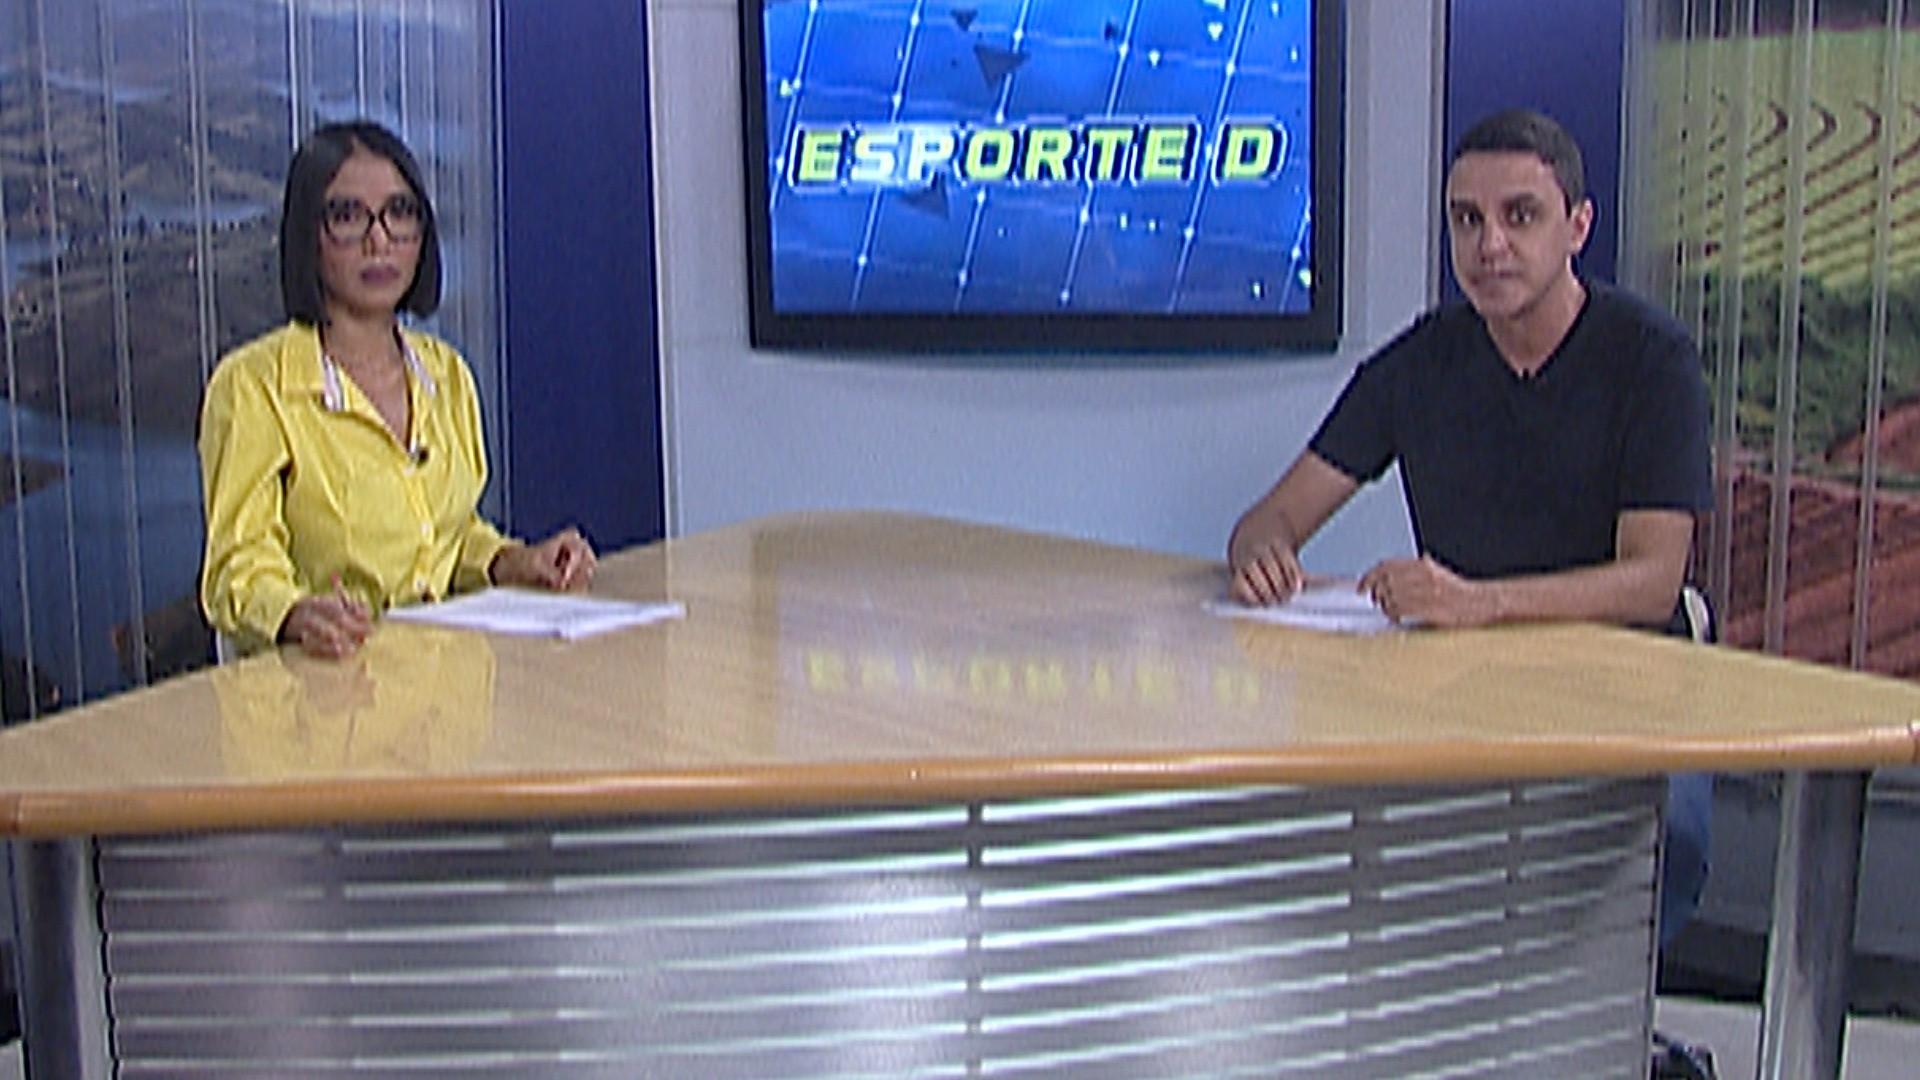 VÍDEOS: Diário TV 1ª Edição de sábado, 5 de dezembro